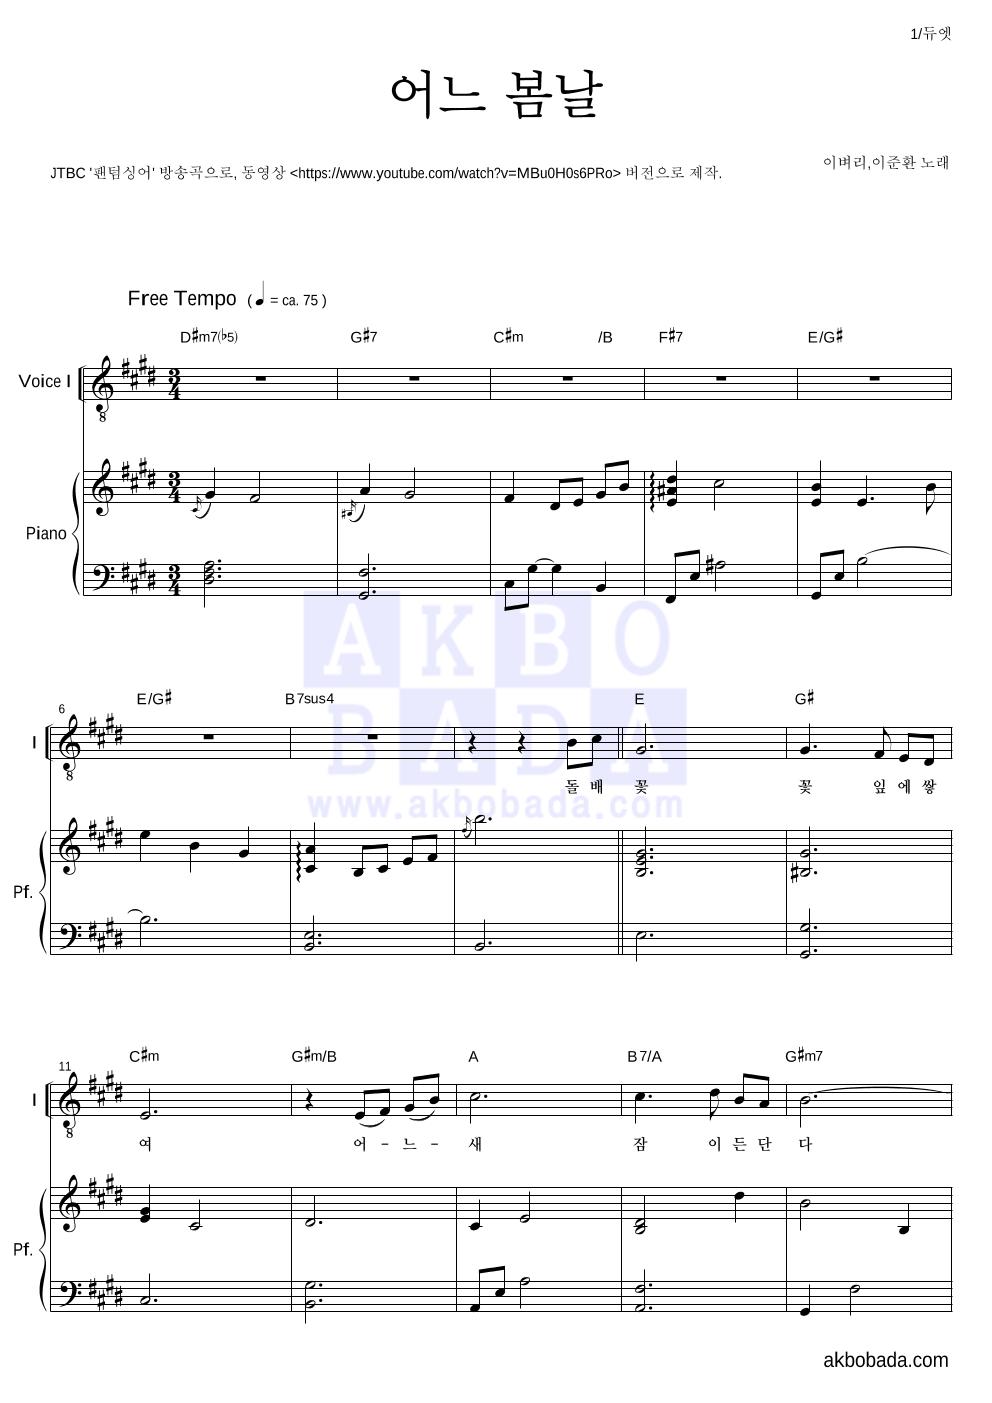 이벼리,이준환 - 어느 봄날 피아노&듀엣 악보